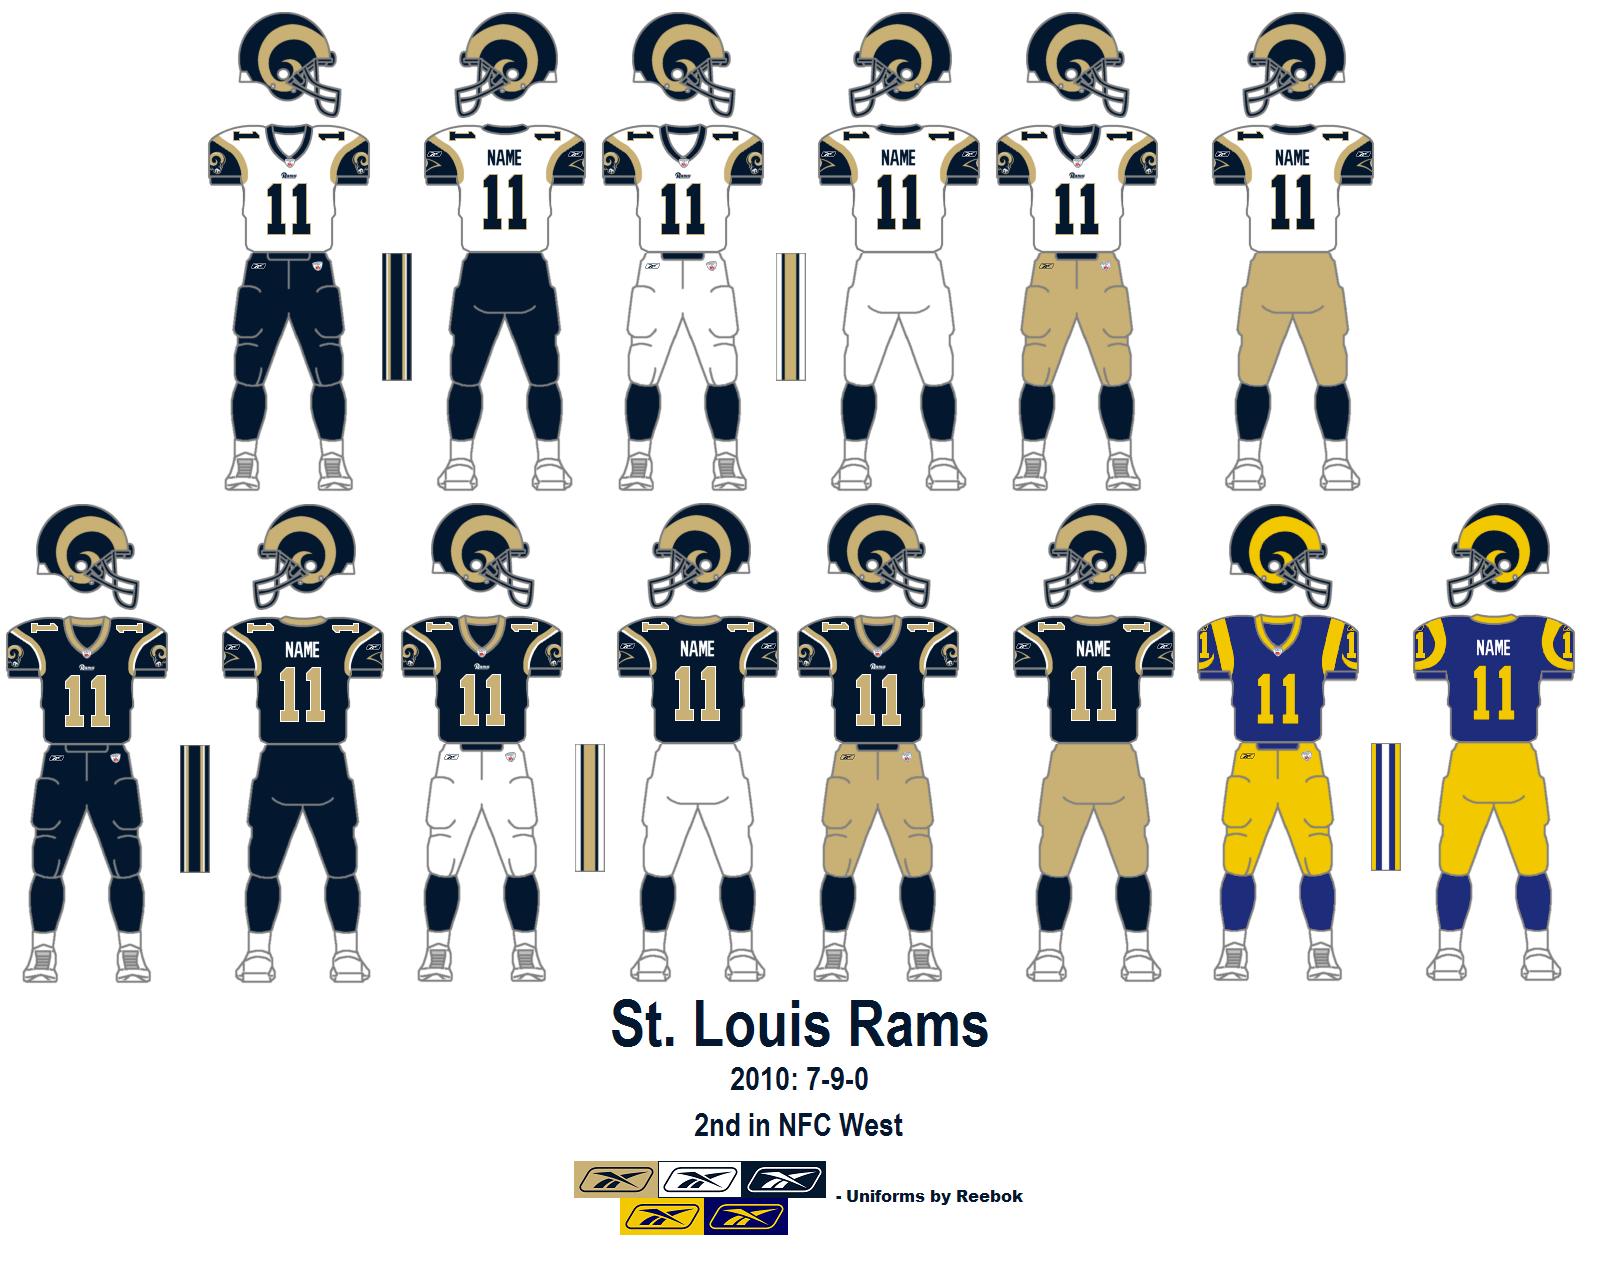 ST LOUIS RAMS nfl football rq wallpaper 1600x1264 157632 1600x1264